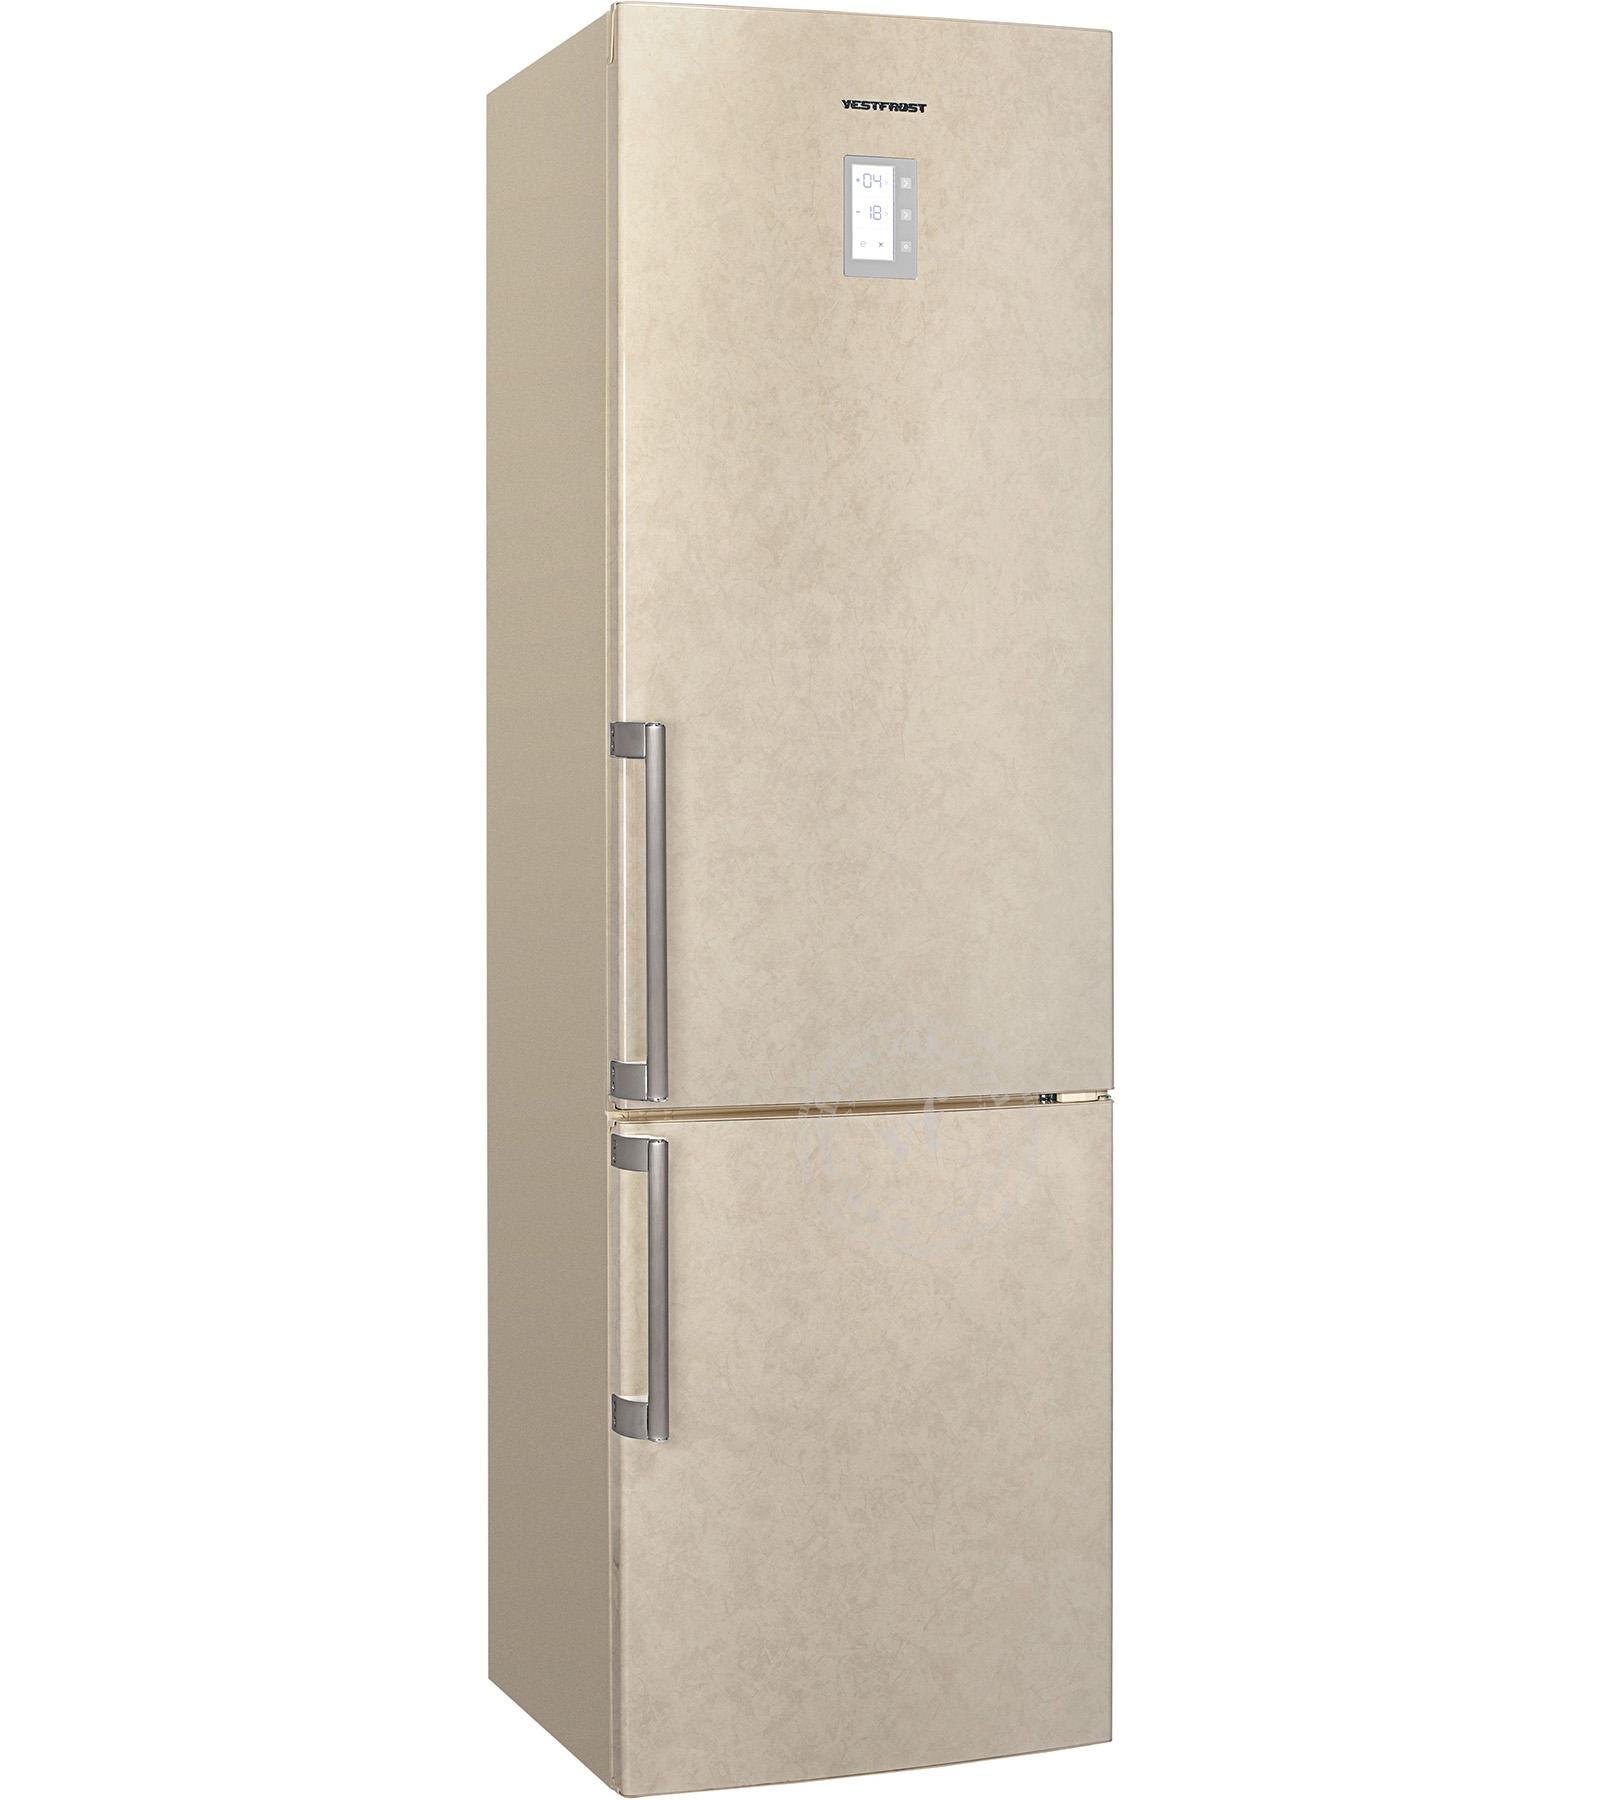 официальный по инструкция вестфрост сайт холодильник